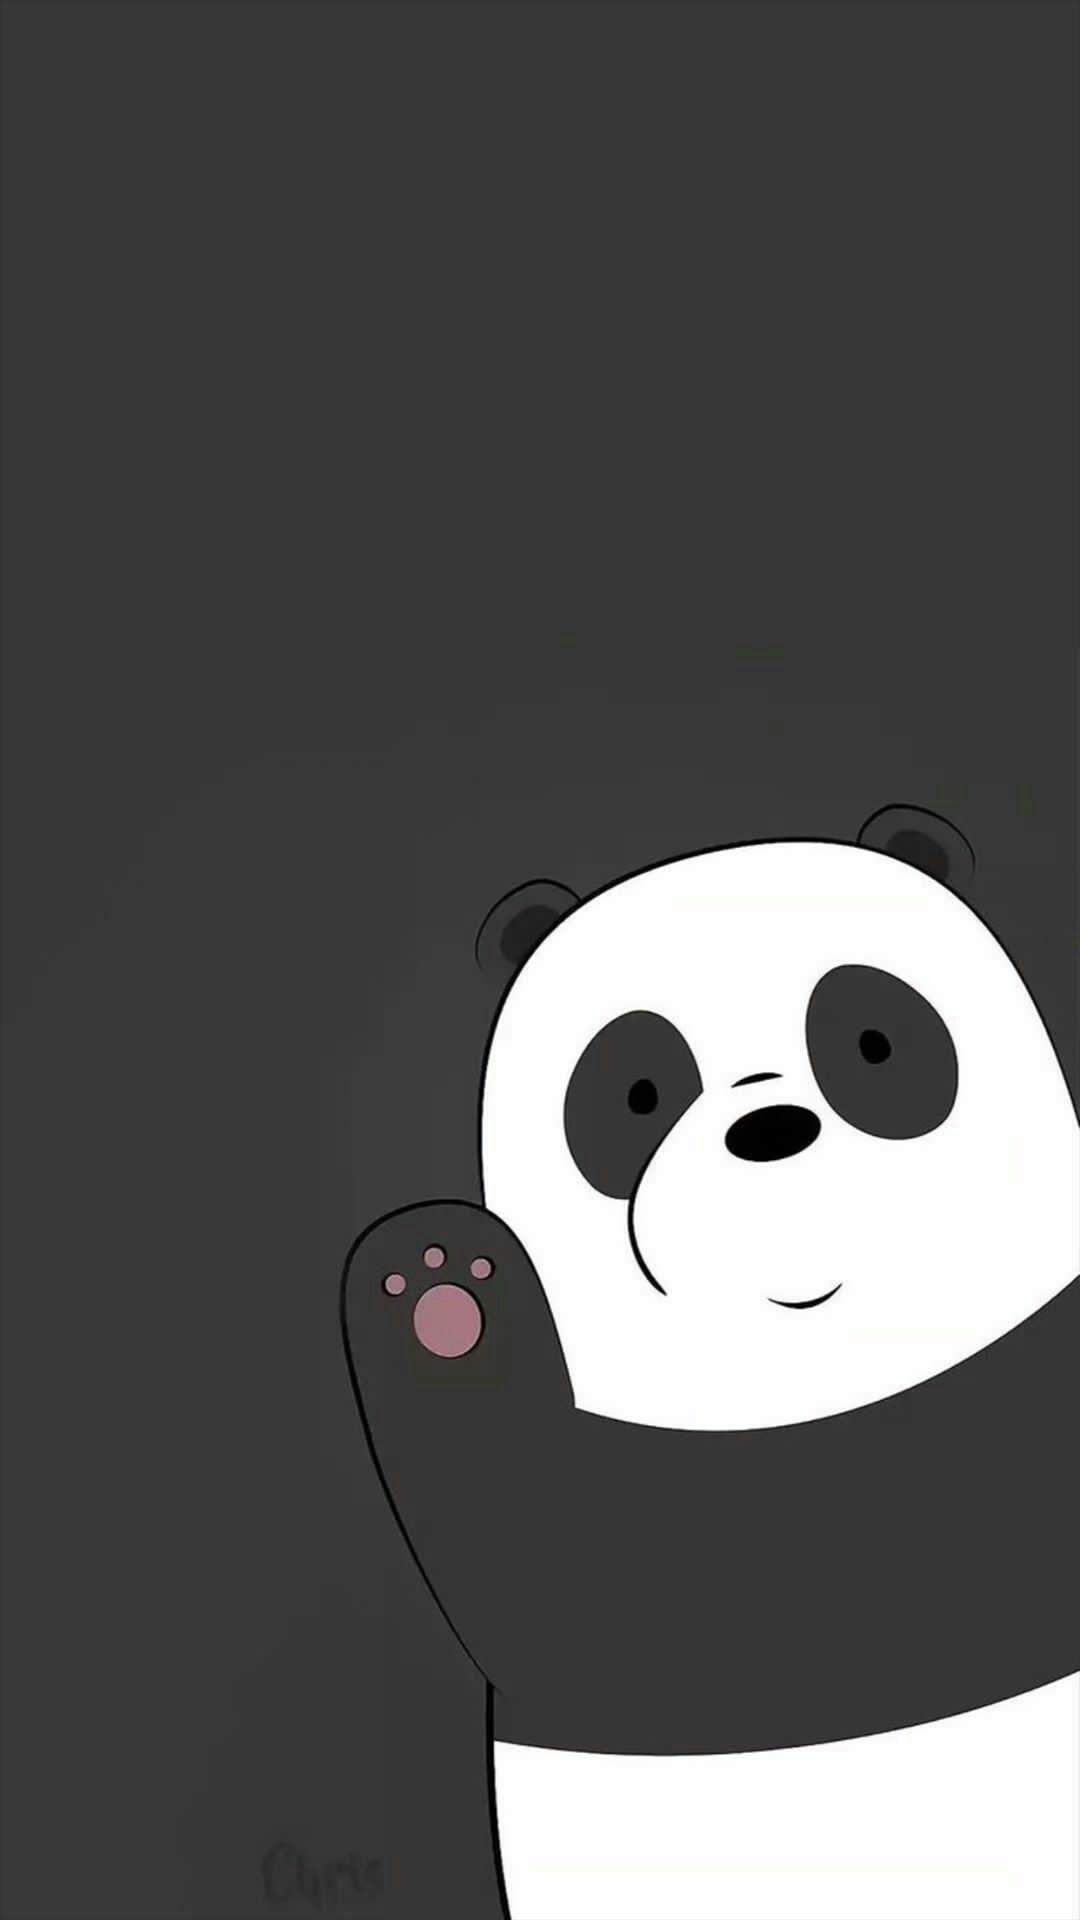 Cartoon Wallpaper Panda Bear Wallpaper Cute Panda Wallpaper Panda Wallpapers